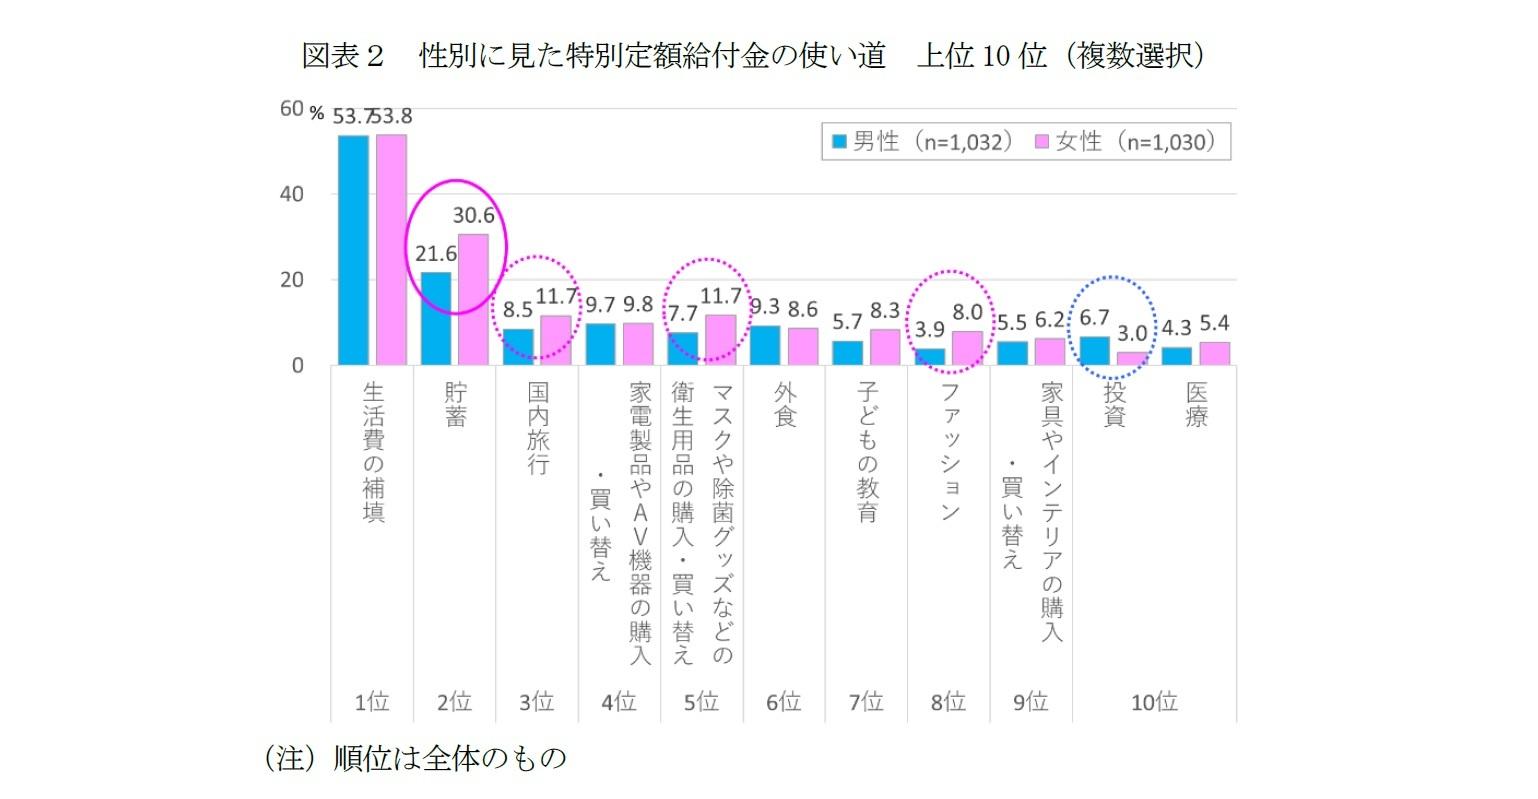 図表2 性別に見た特別定額給付金の使い道 上位10位(複数選択)